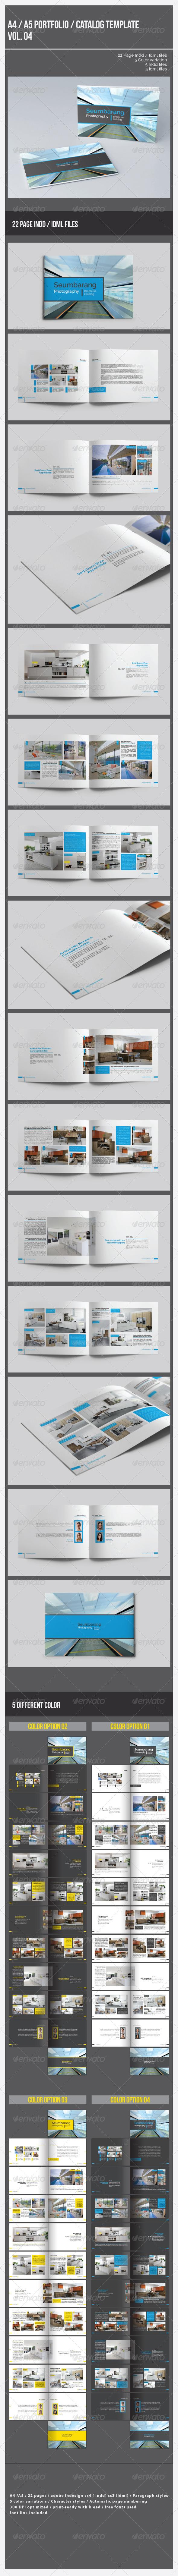 GraphicRiver A4 A5 Portfolio Catalog Template Vol.4 7803916